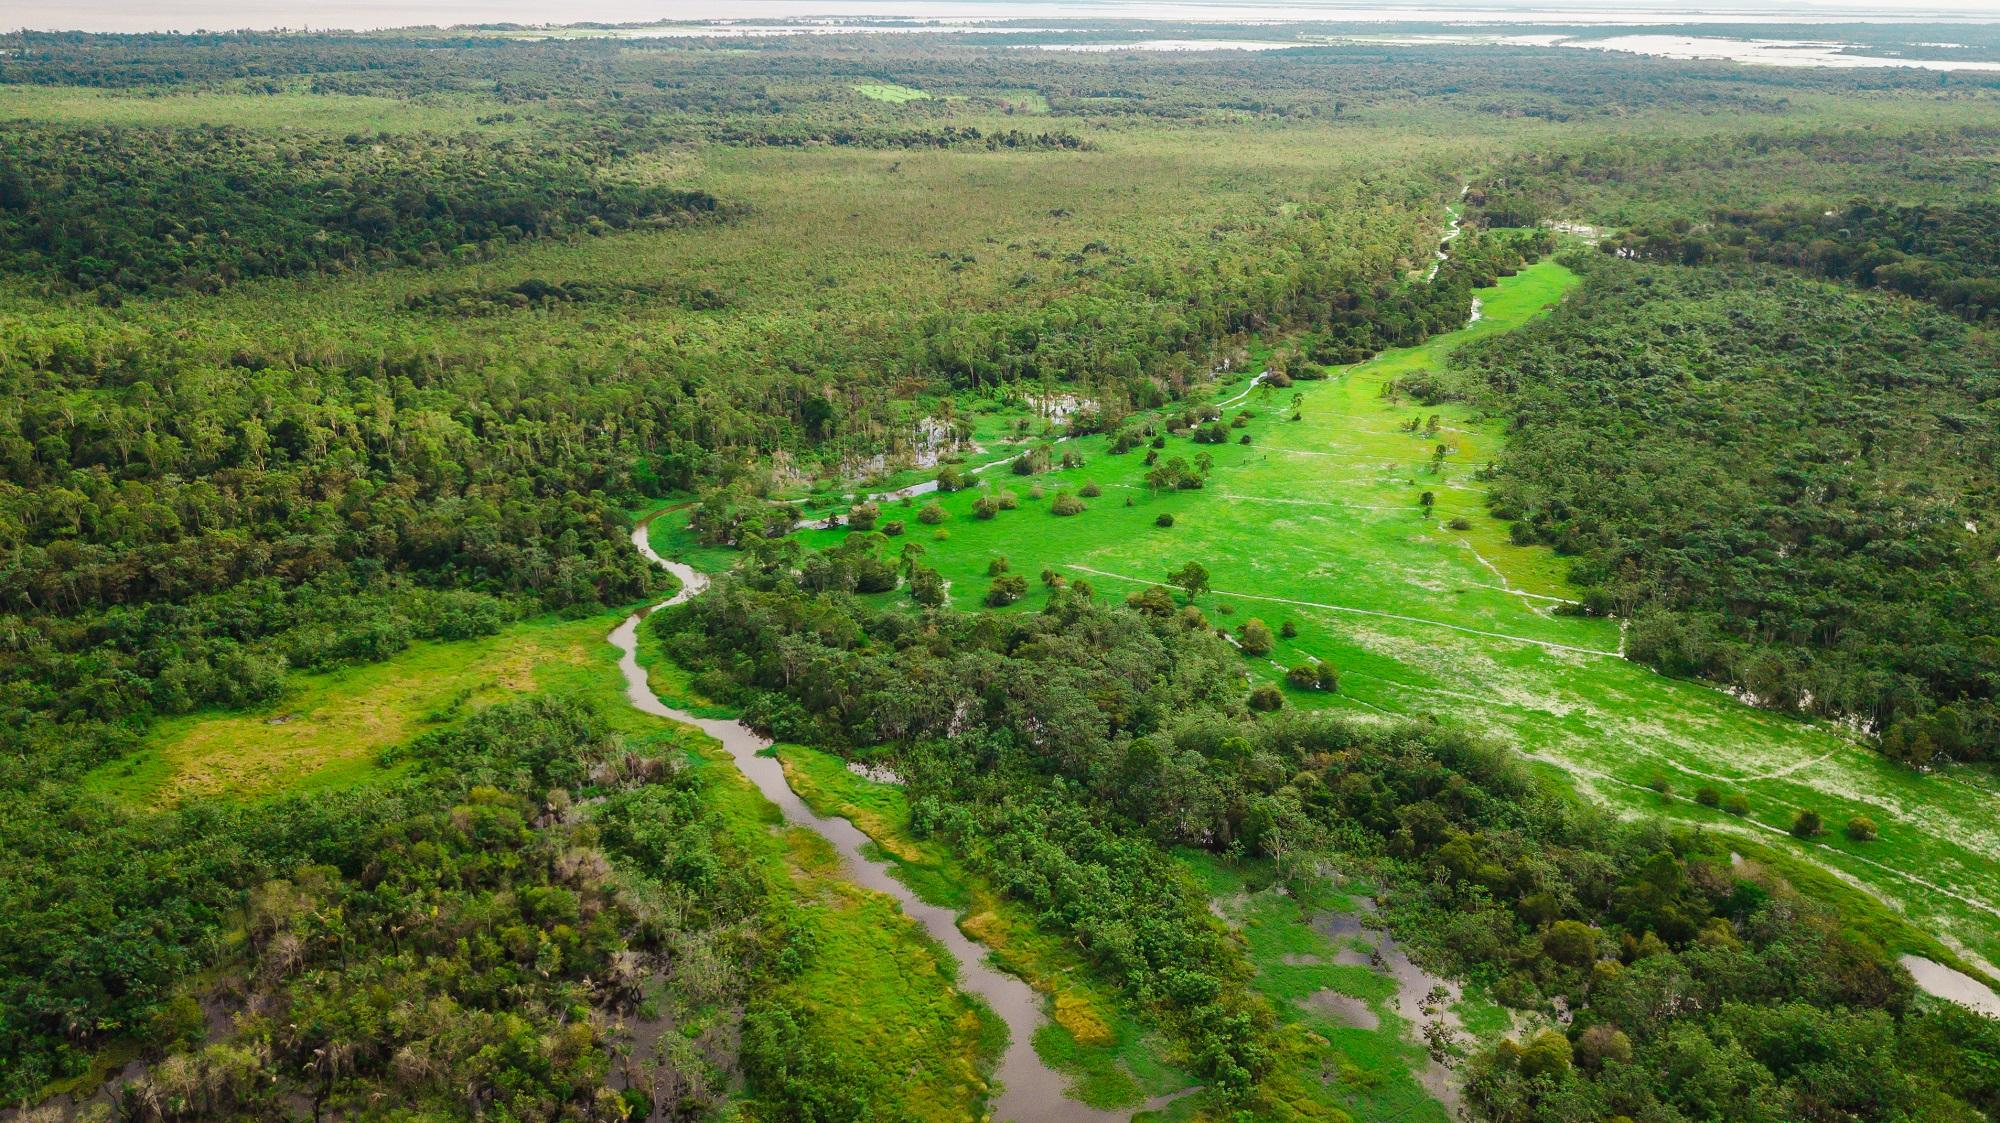 """Area de Protecao Ambiental Jara em Juruti Credito Marcio Nagano - Confira a programação completa da campanha """"Um Dia no Parque"""" nas áreas protegidas do Pará"""